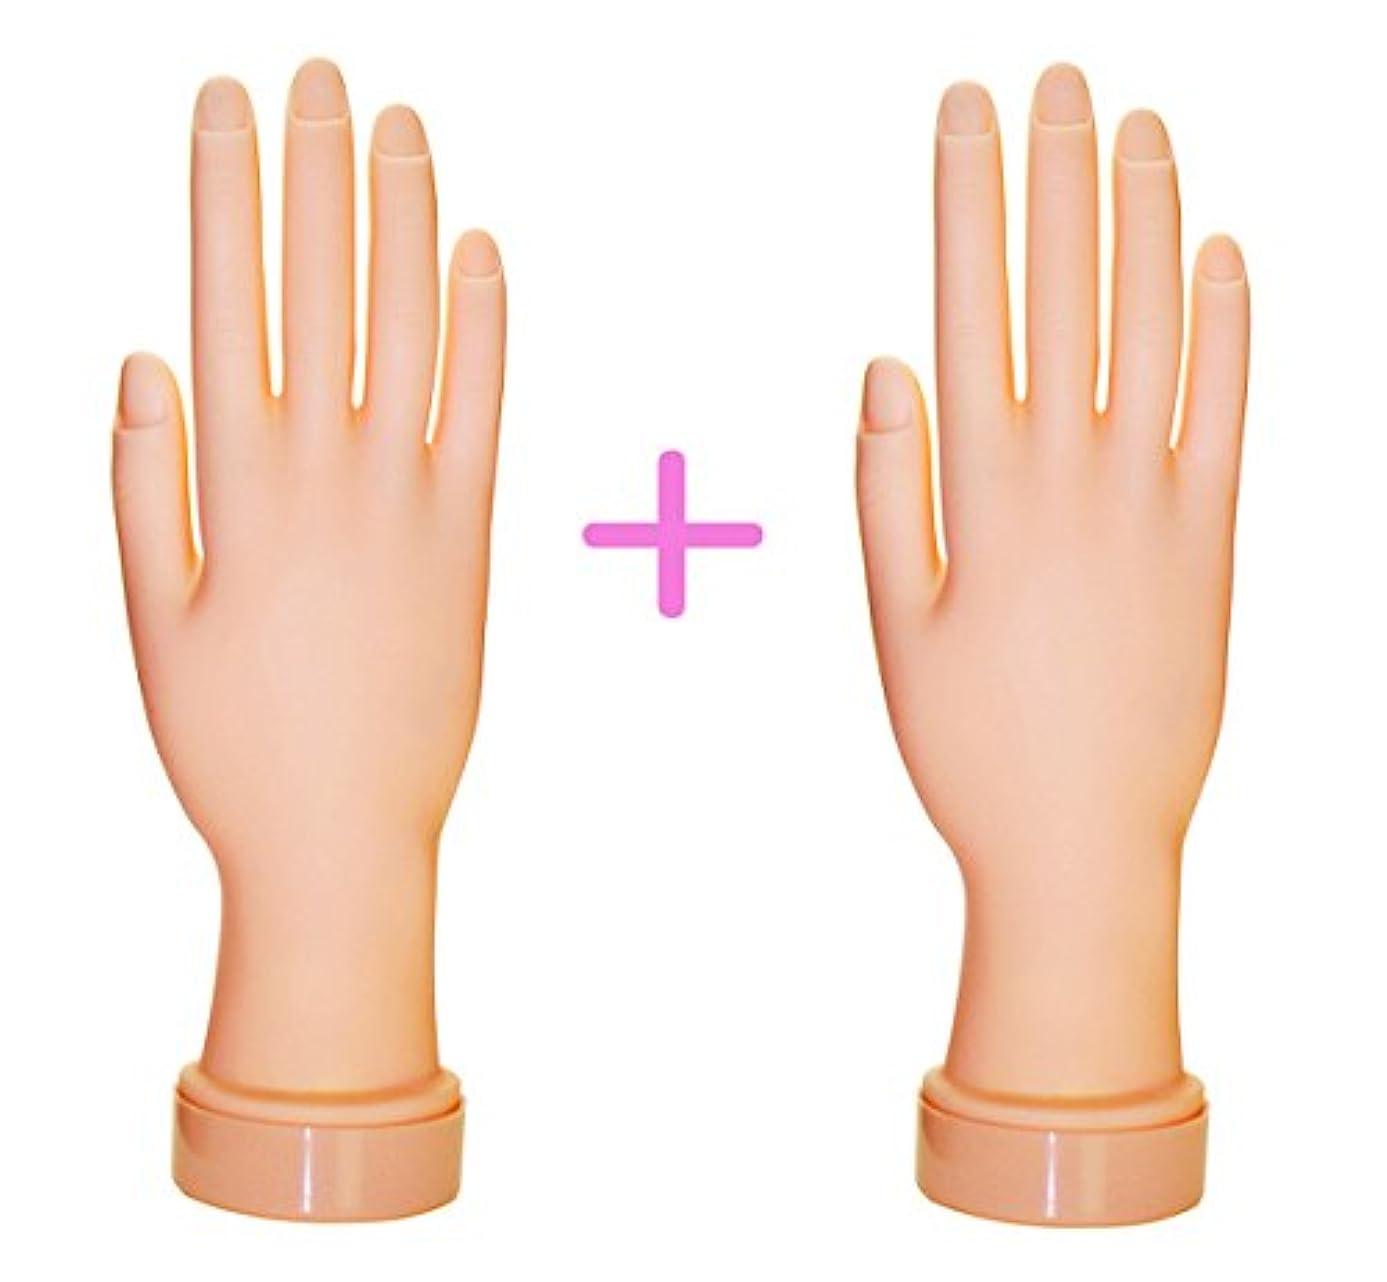 サドルパスポート密ネイル練習用ハンドマネキン2個(右手/左手)/チップ差し込み式 (右手2個)